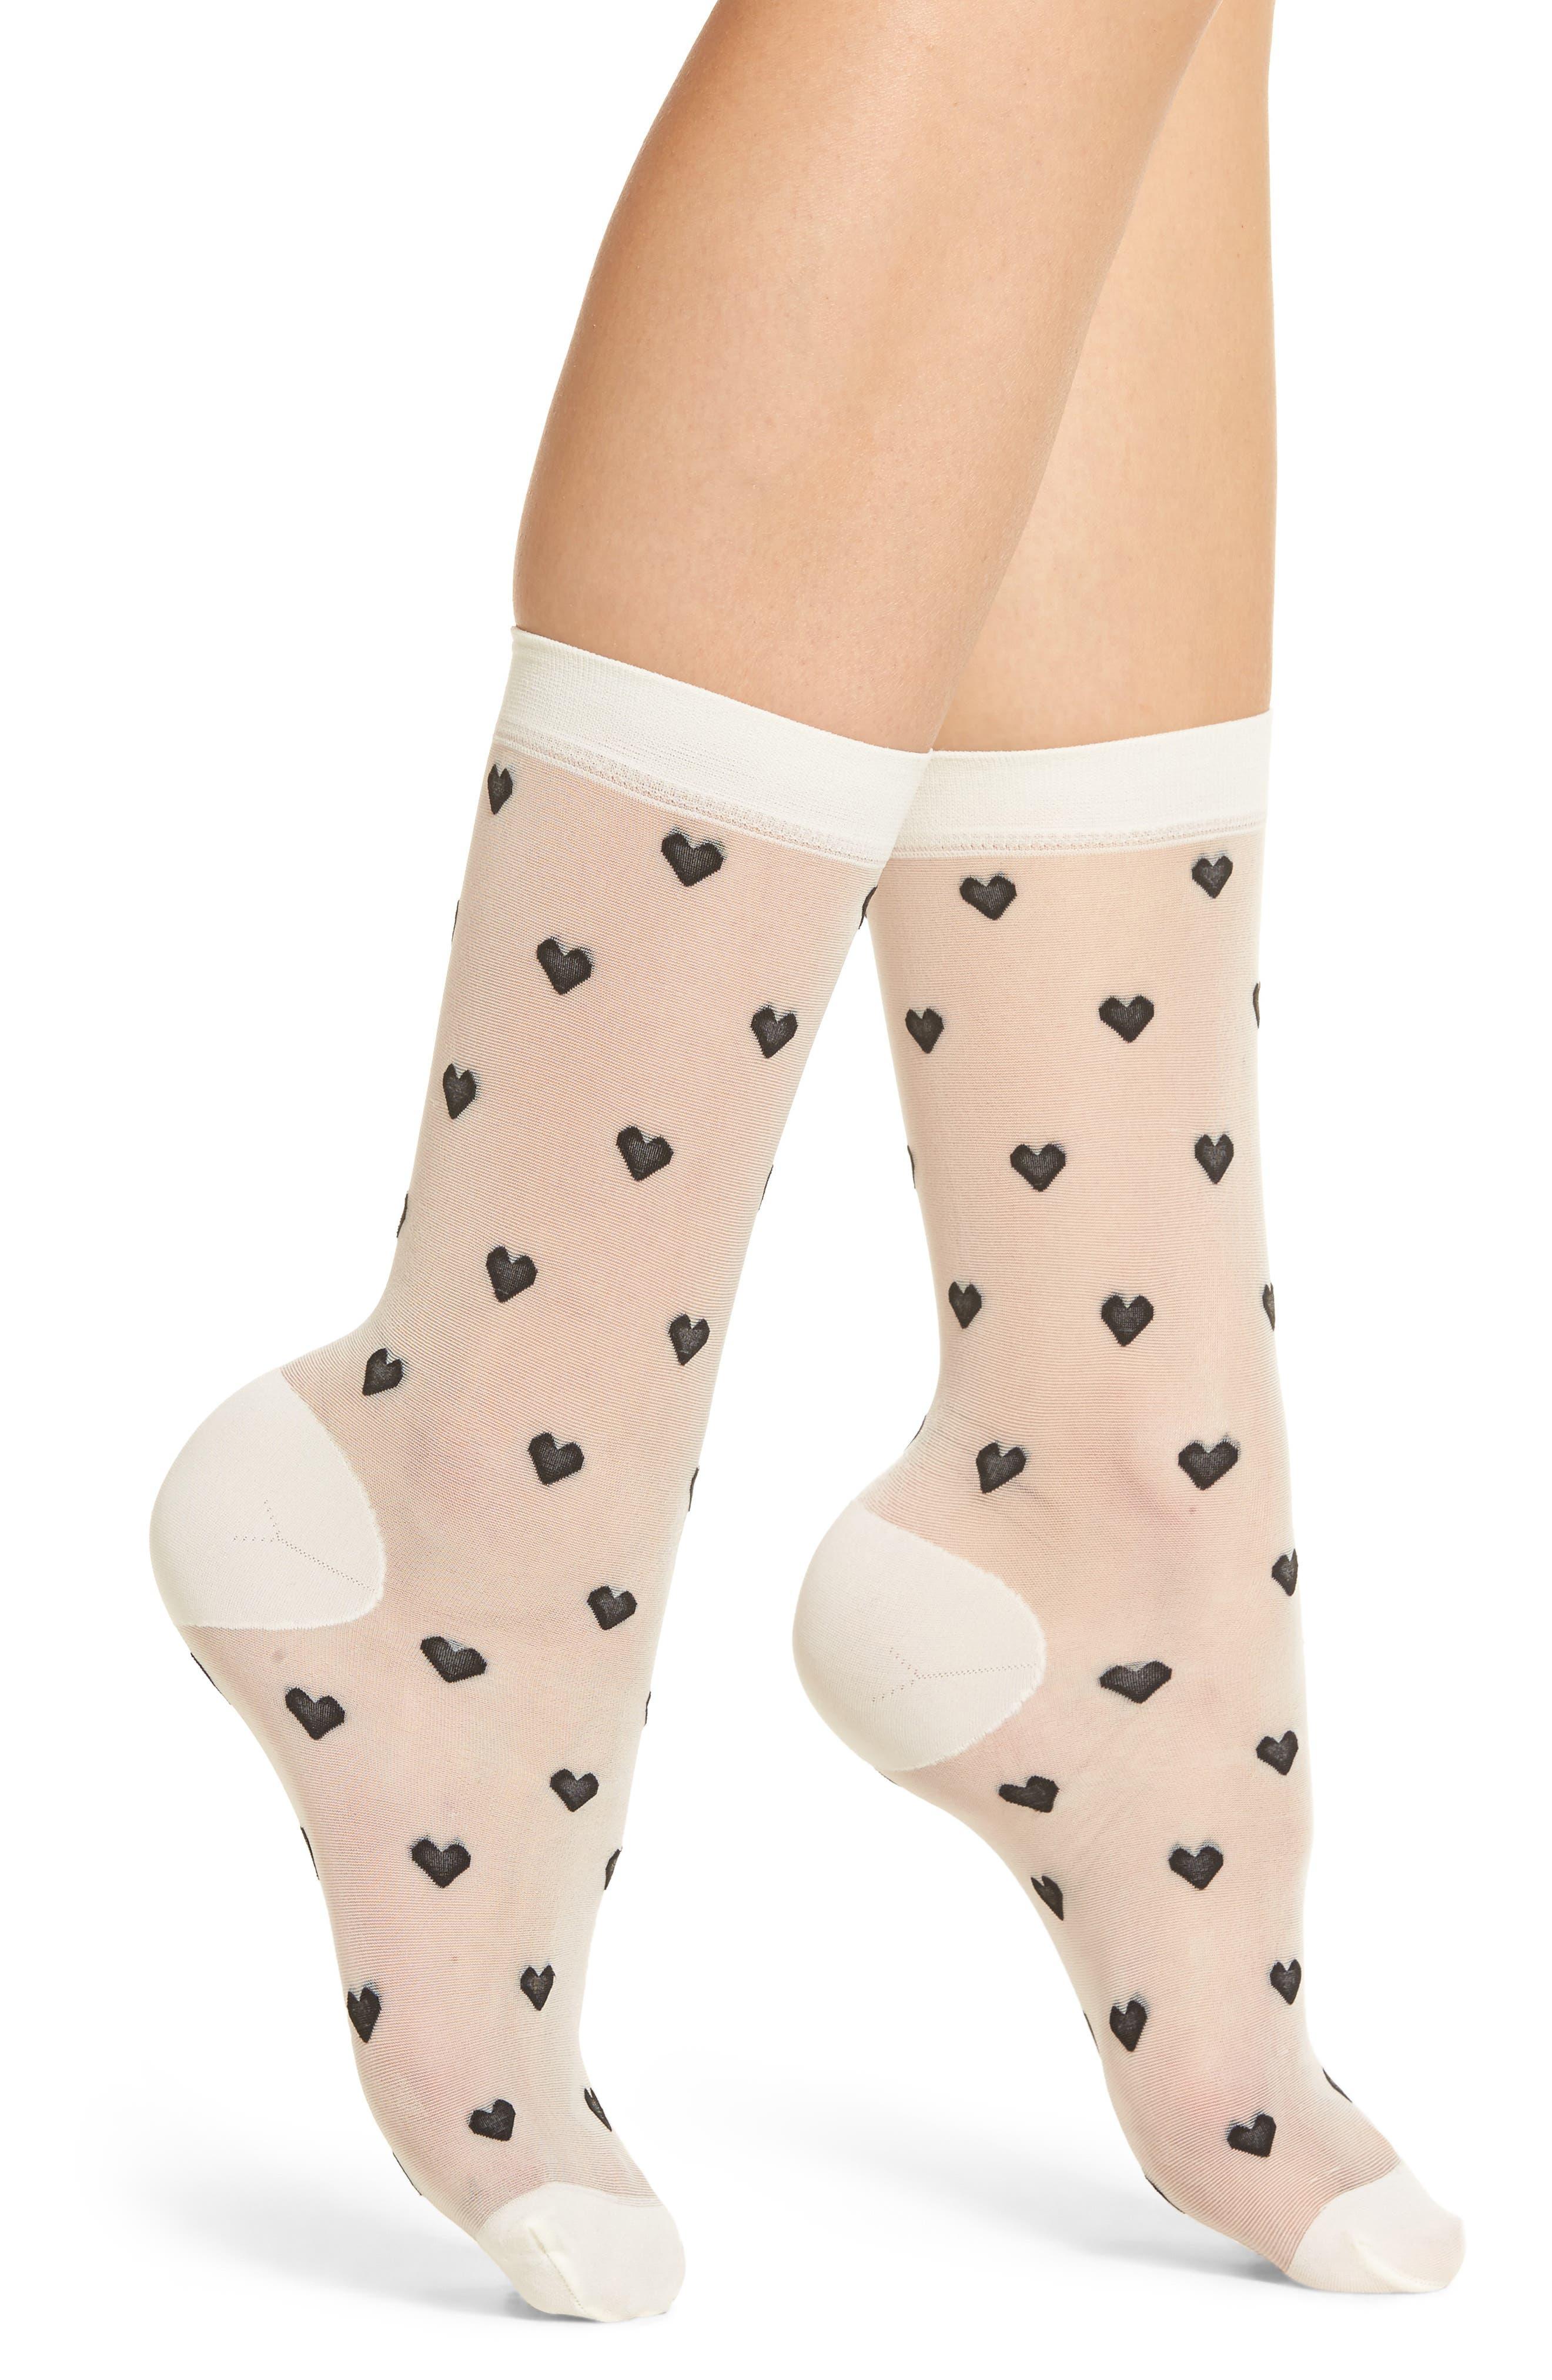 Nordstrom Heart Sheer Socks